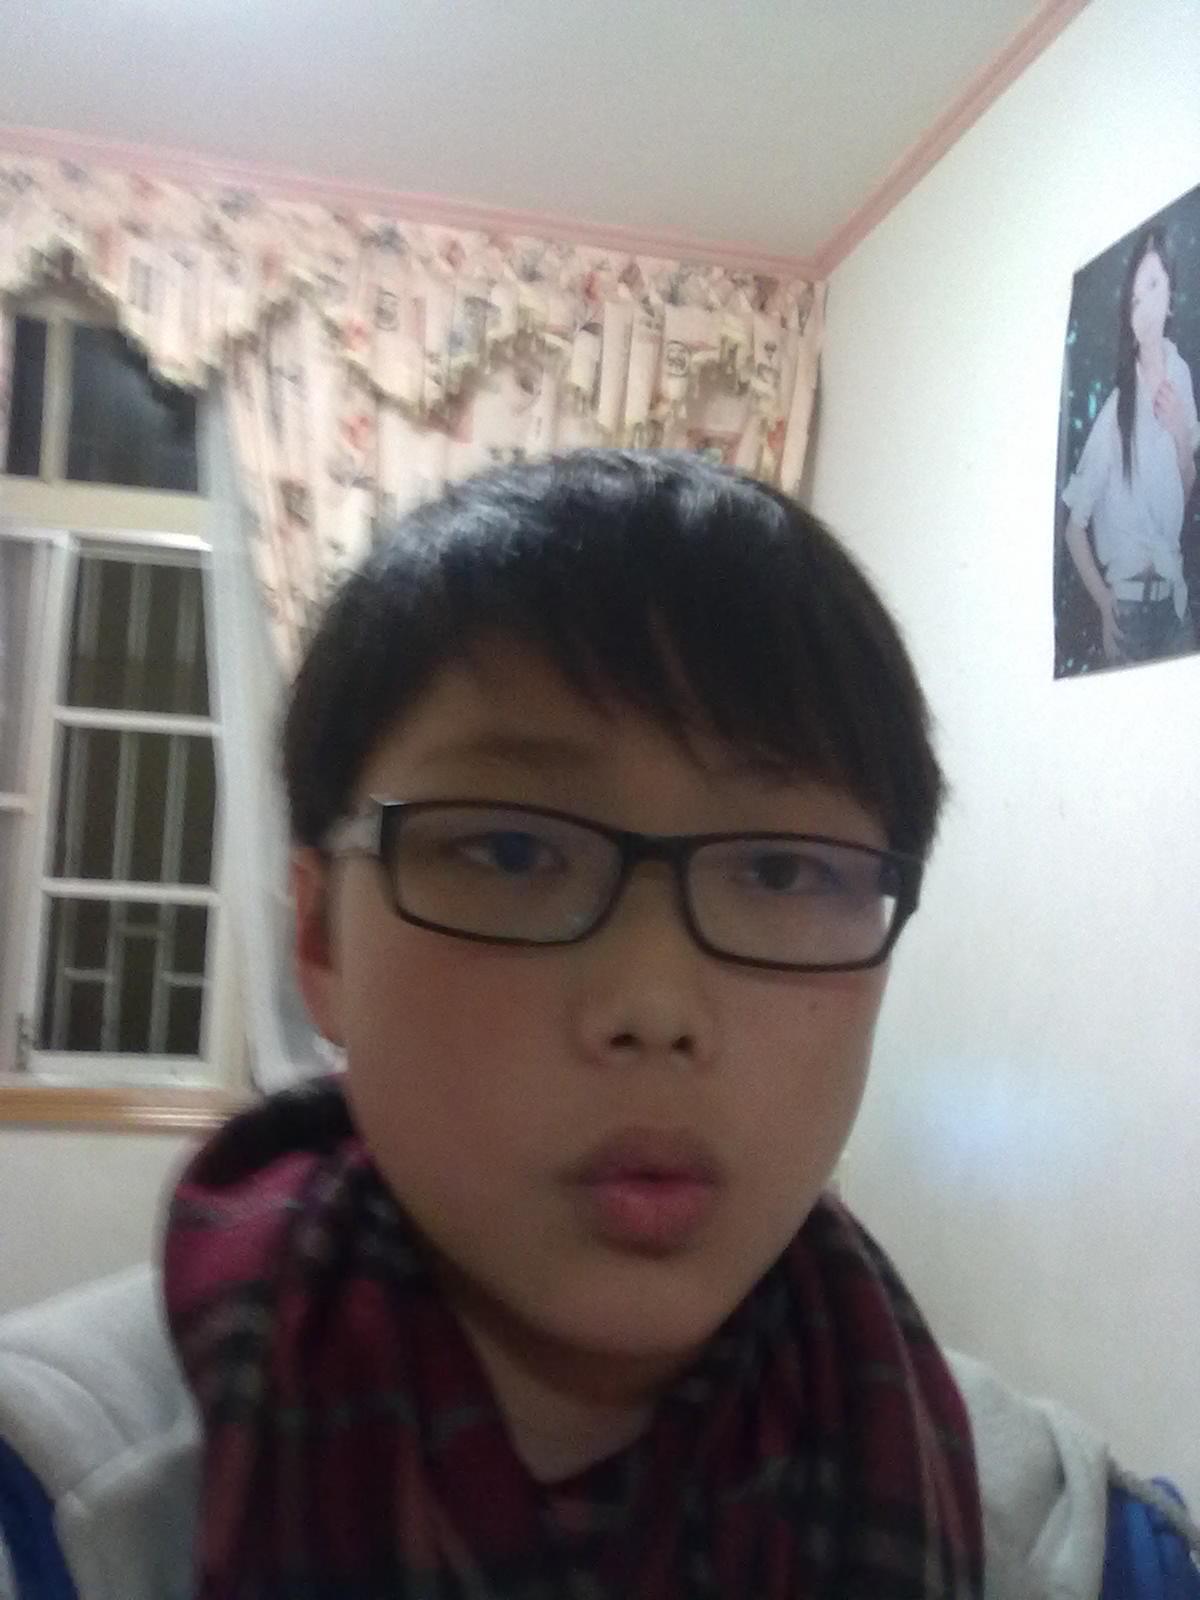 帅气学生男生照片14岁14岁帅气男生照片14岁男生帅气